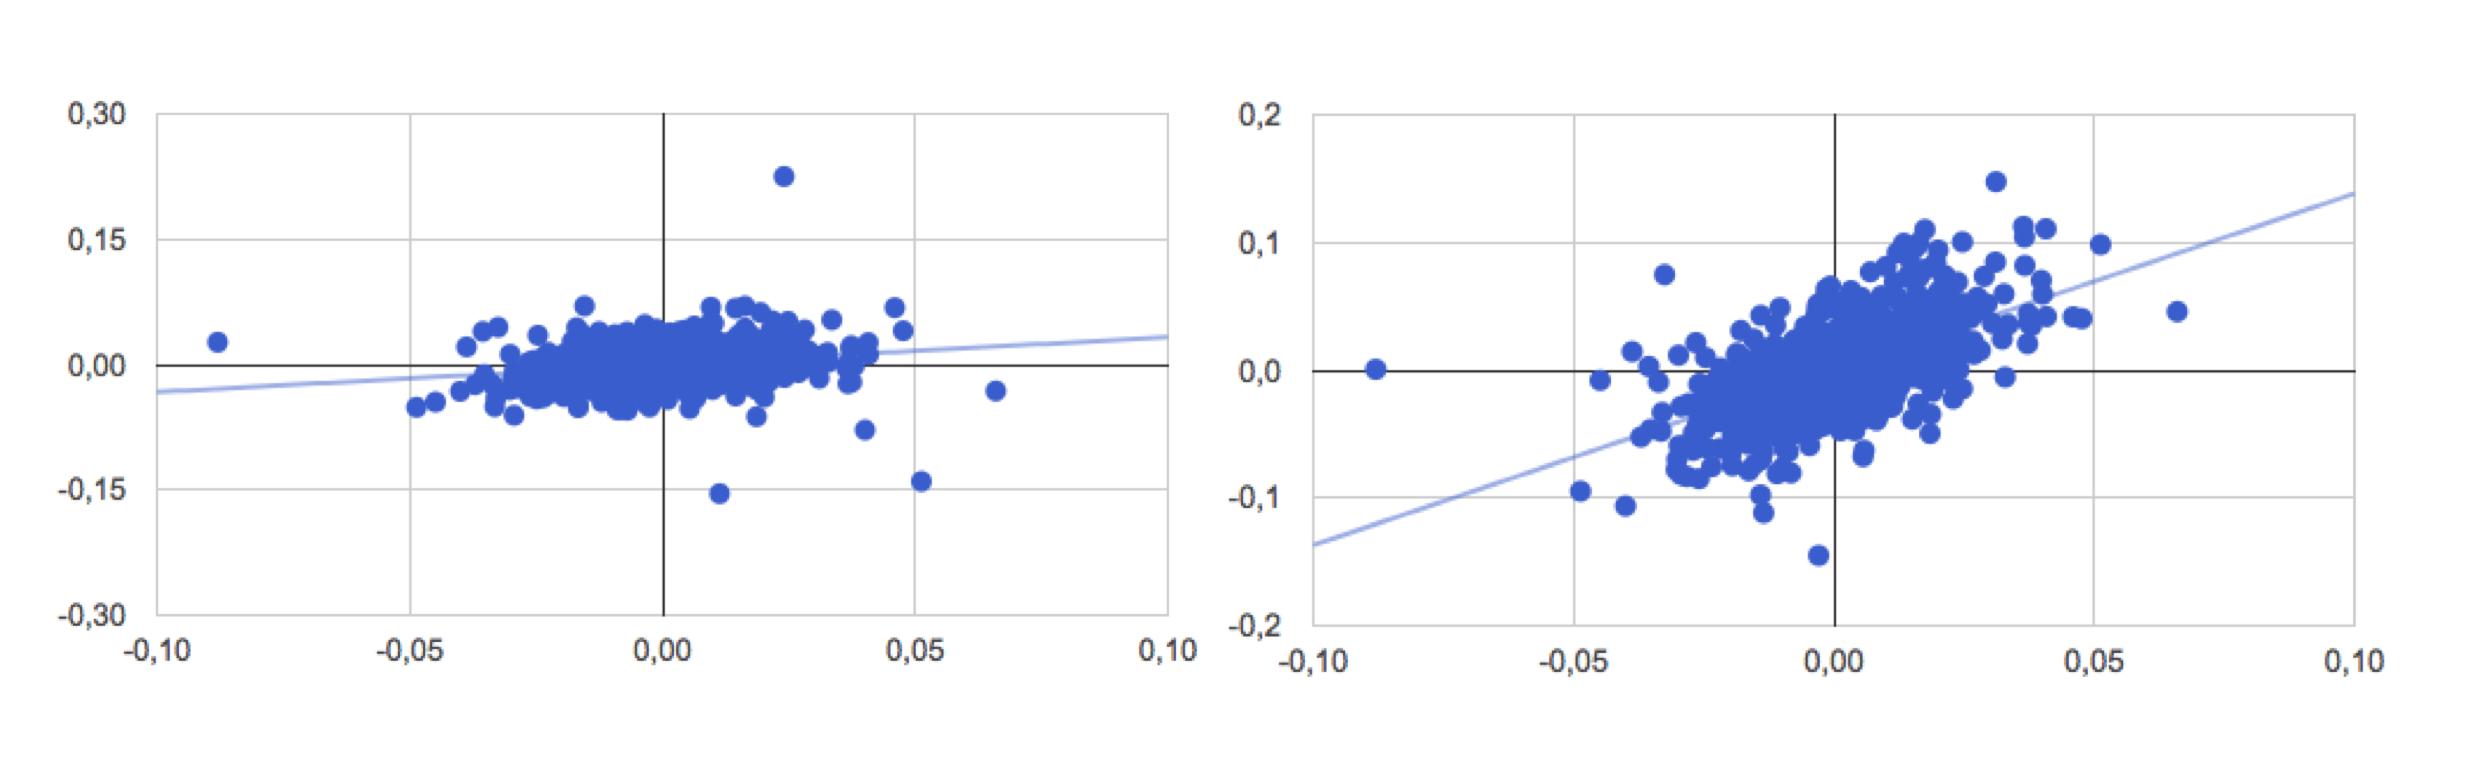 Gráfico de dispersão ações da bolsa de valores em relação ao IBOVESPA (Em ordem: Embraer vs Ibovespa e Vale do Rio Doce vs Ibovespa)